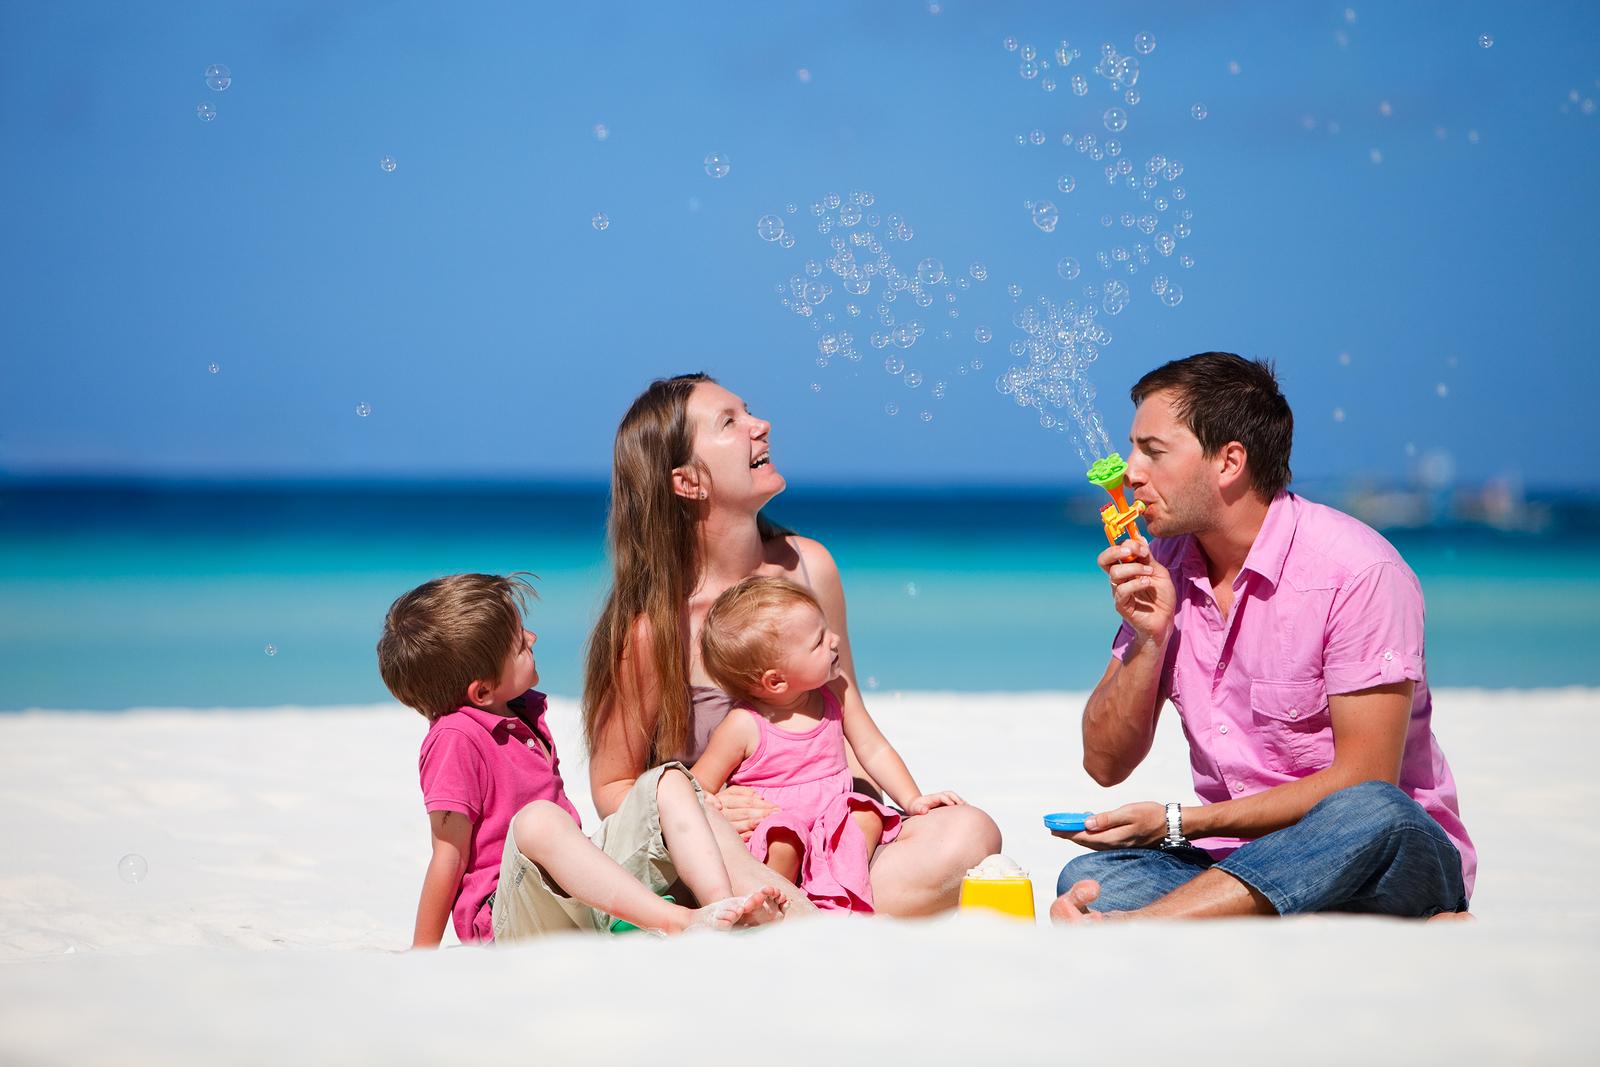 Neonato in vacanza: dove portarlo? Le mete ideali